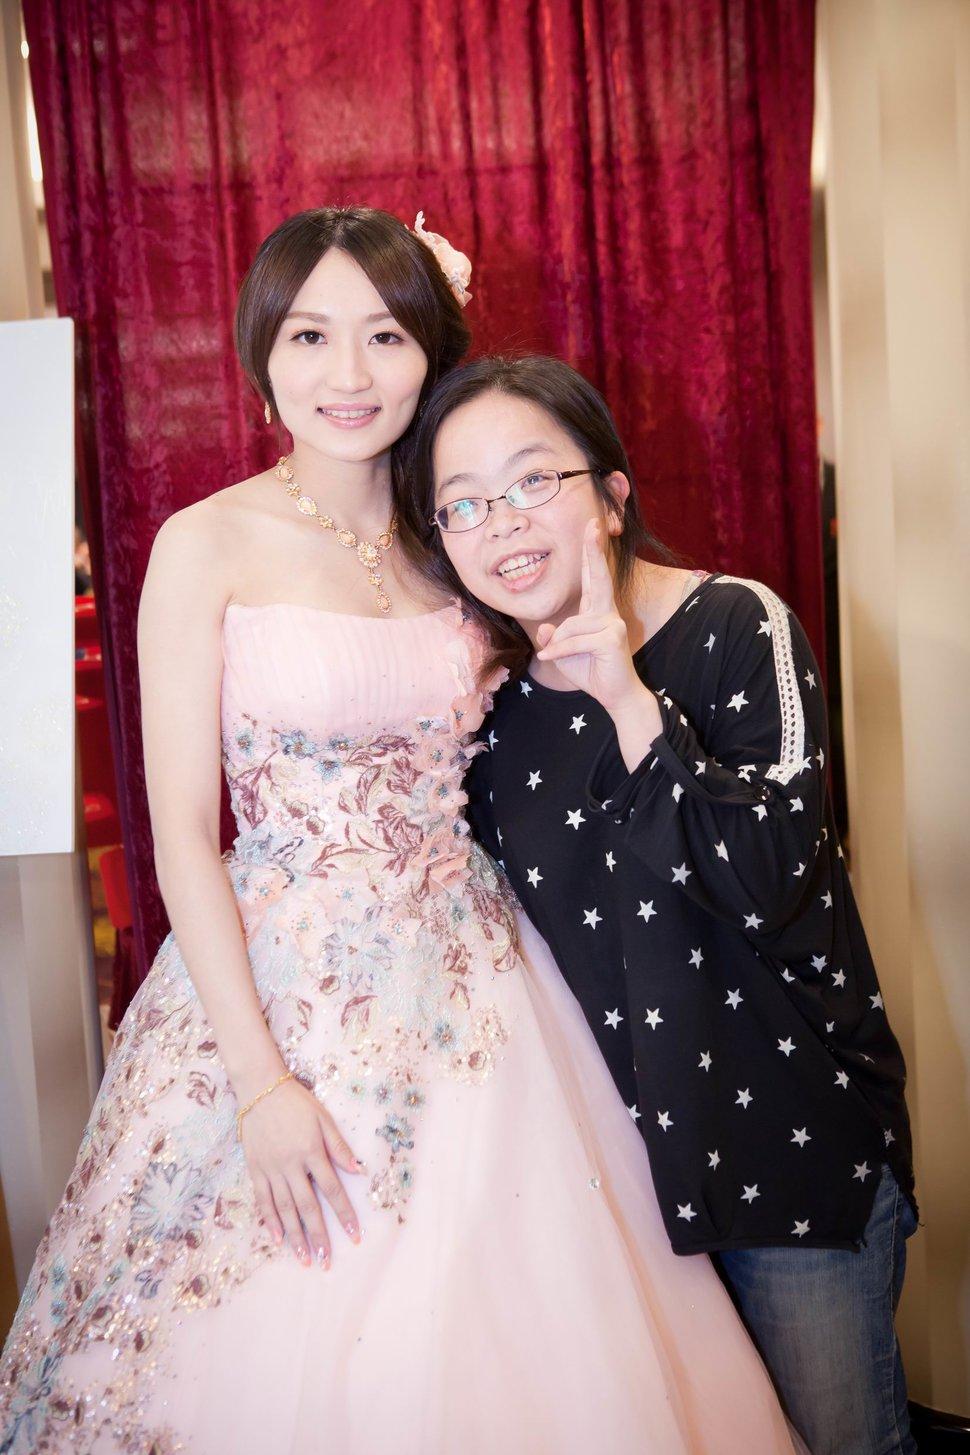 長榮桂冠酒店彭園會館婚禮記錄專業錄影平面攝影(編號:195153) - 蜜月拍照10800錄影12800攝影團隊 - 結婚吧